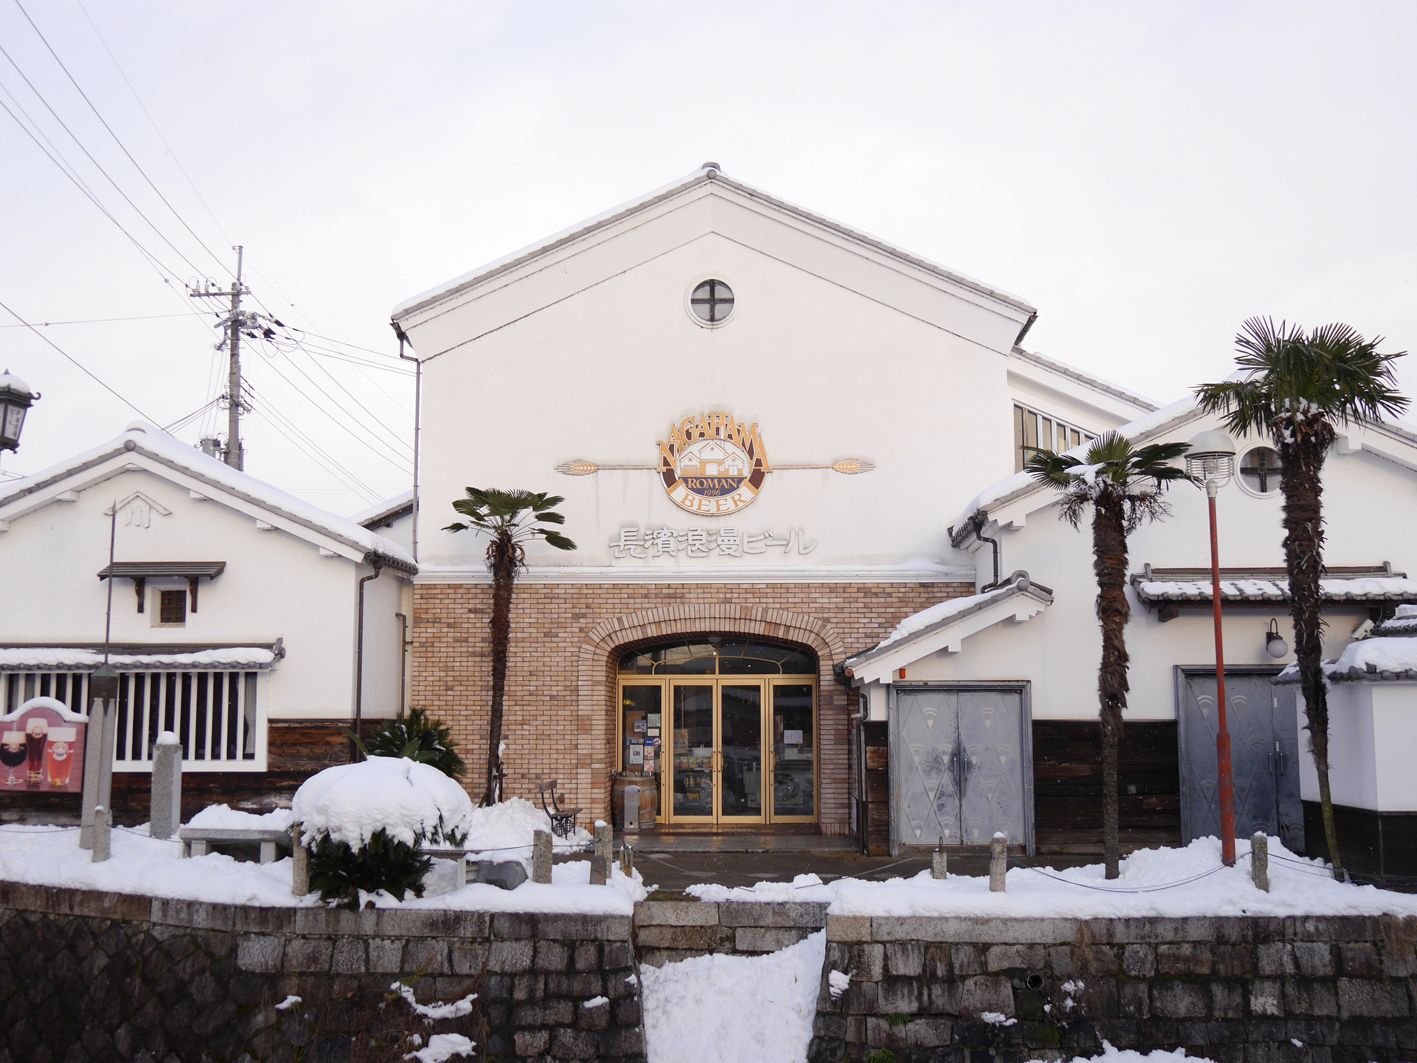 Nagahama_1_Brewery